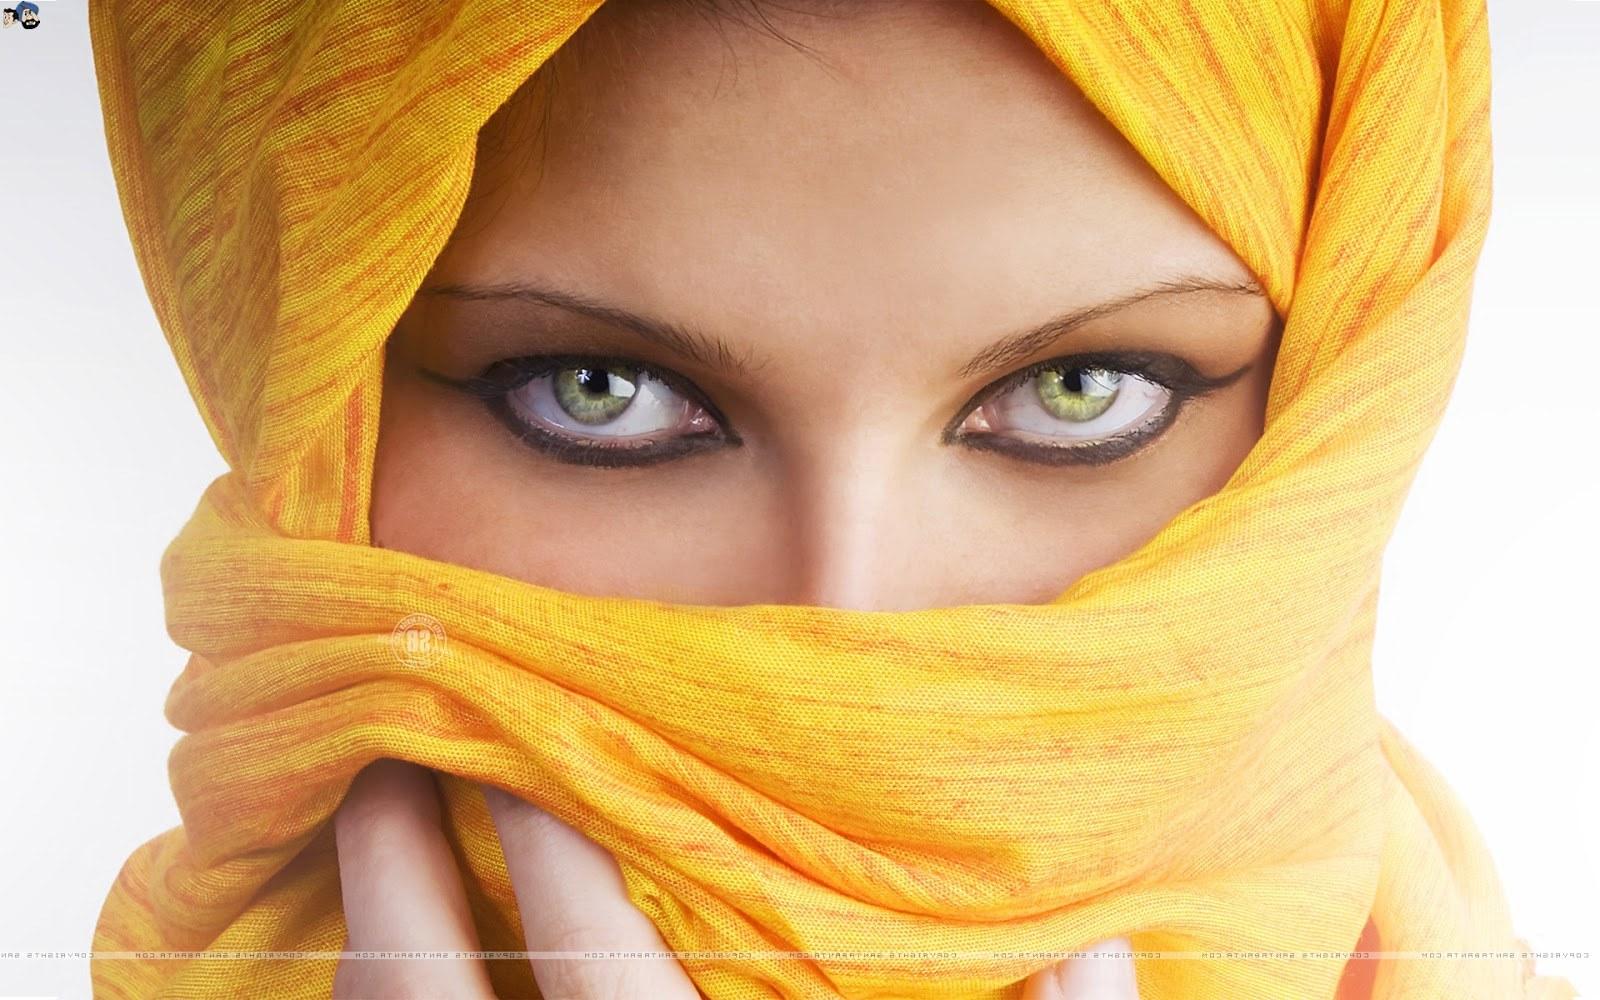 Bentuk Muslimah Bercadar Hitam Dwdk Koleksi Wallpaper Wanita Muslimah Bercadar